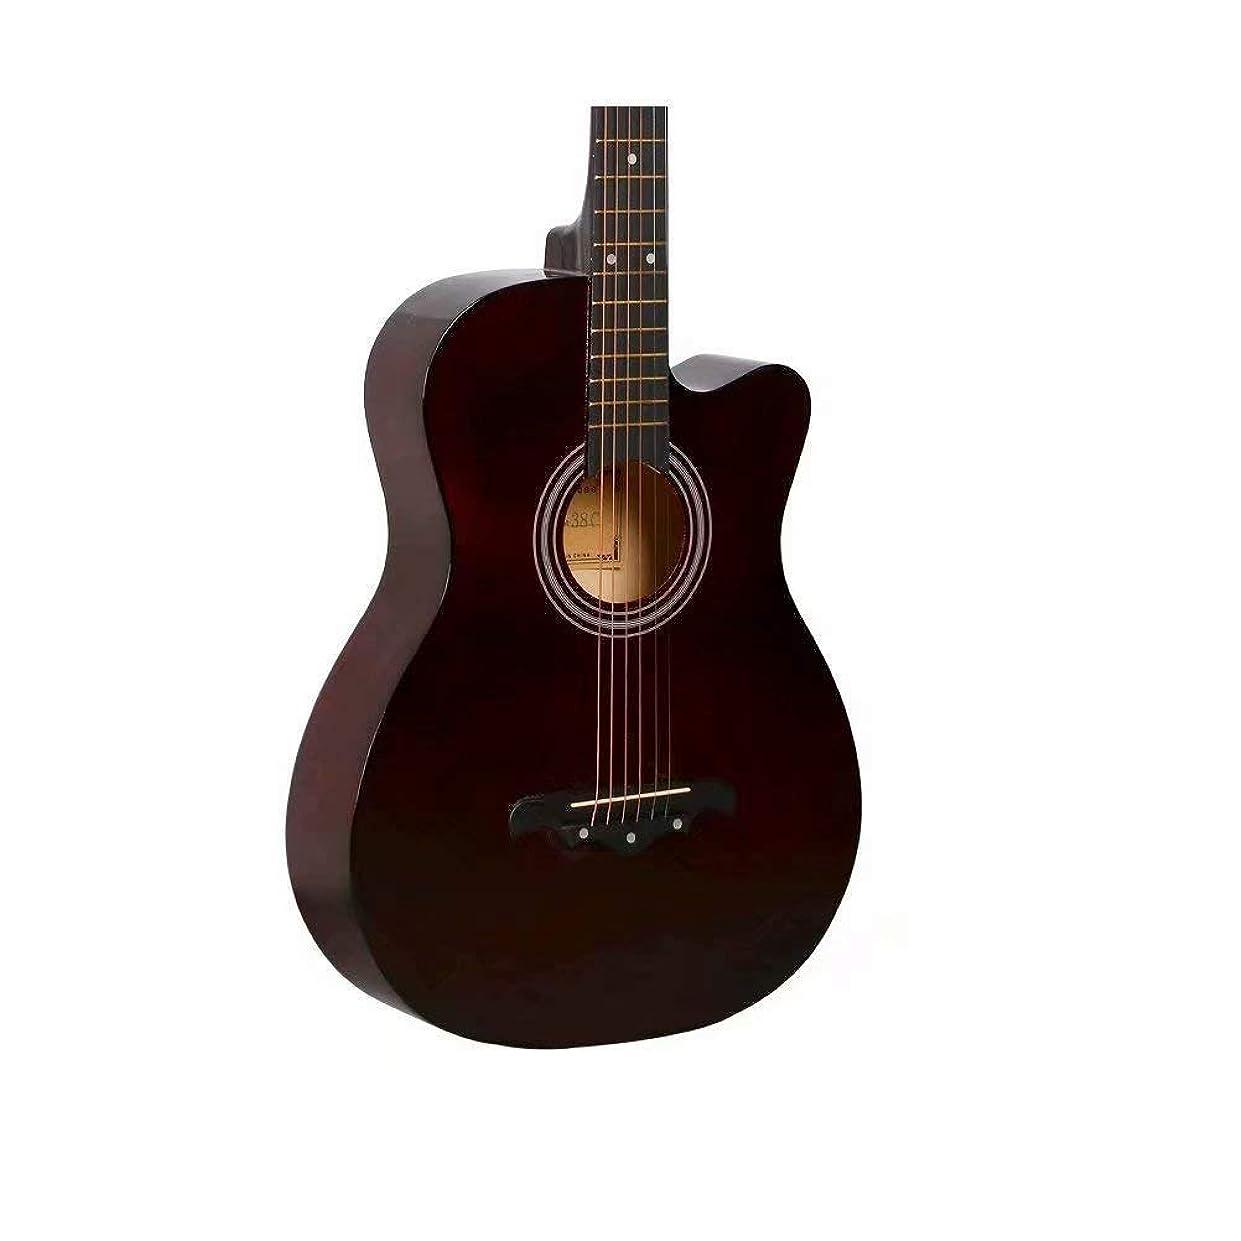 ロゴインデックス幻想的ギター 初心者 入門 アコースティック クラシックギター